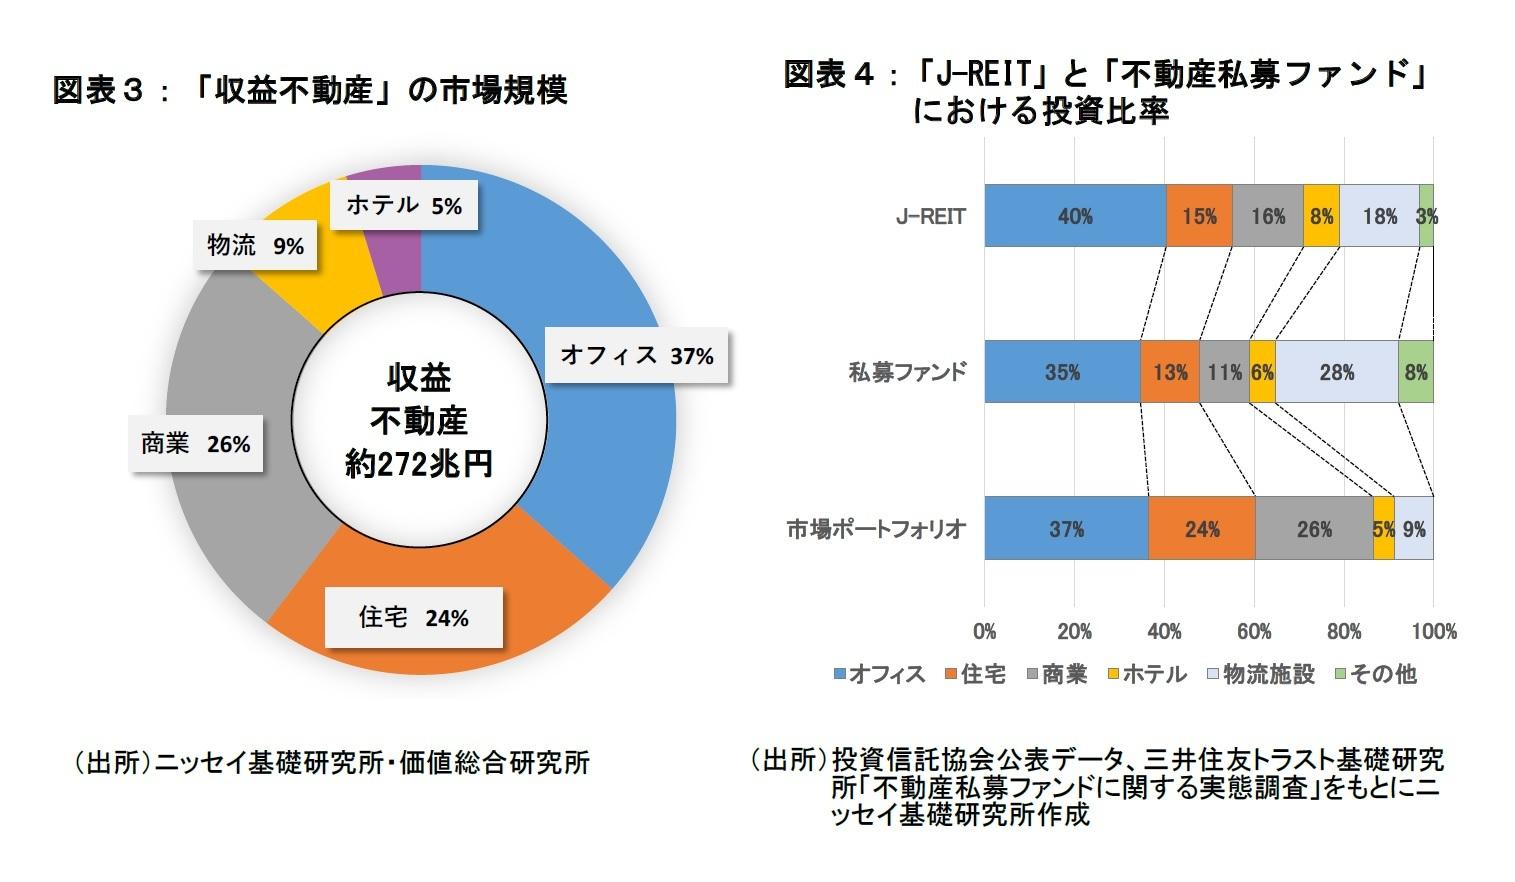 図表3、4:収益不動産の市場規模、J-REITと不動産私募ファンドにおける投資比率